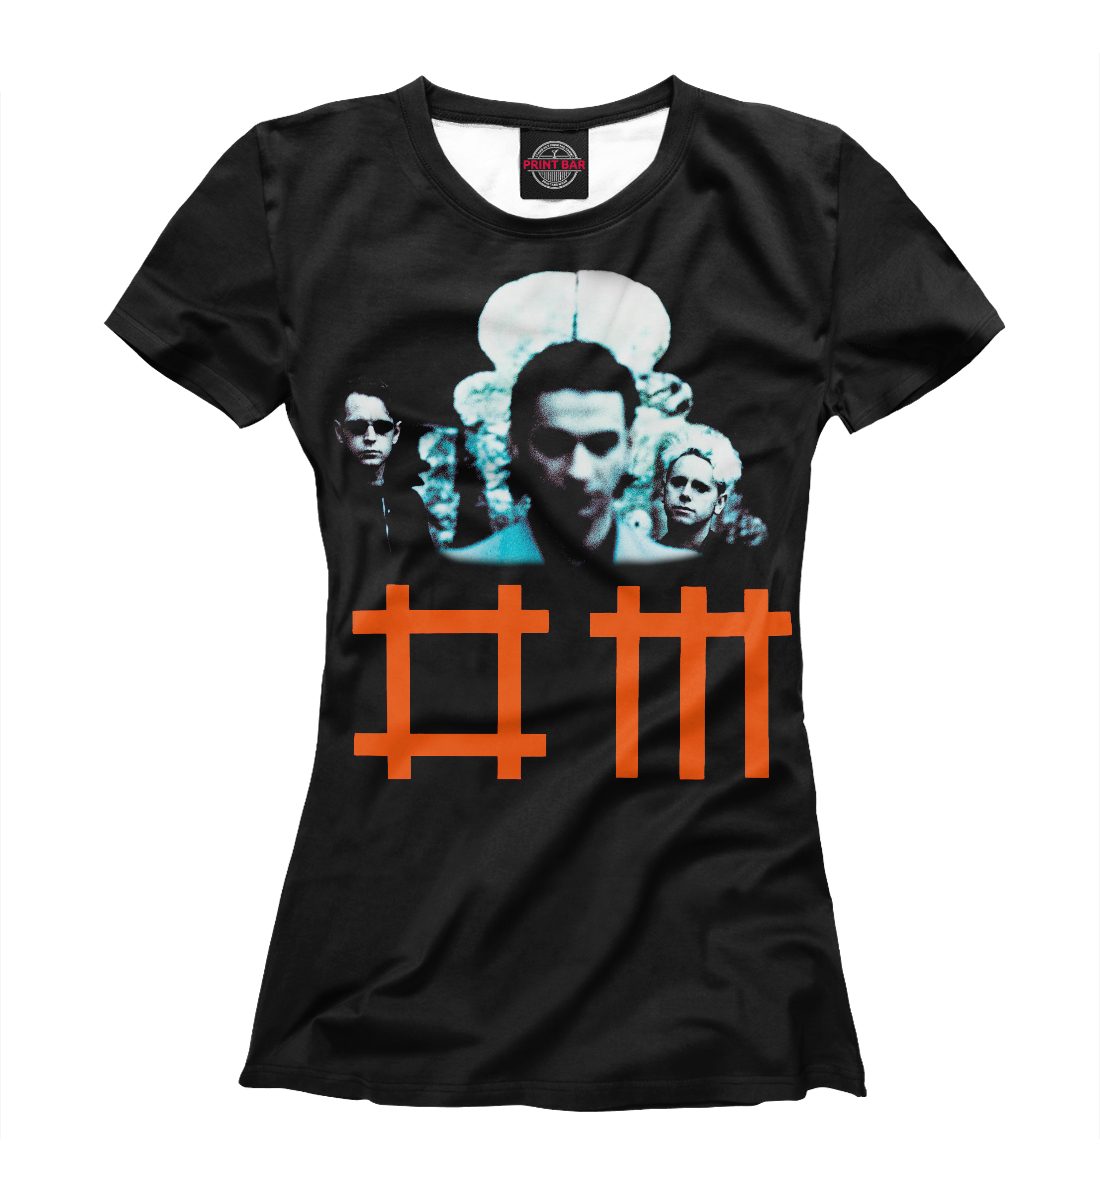 Купить Depeche Mode & Dave Gahan, Printbar, Футболки, DPM-148905-fut-1